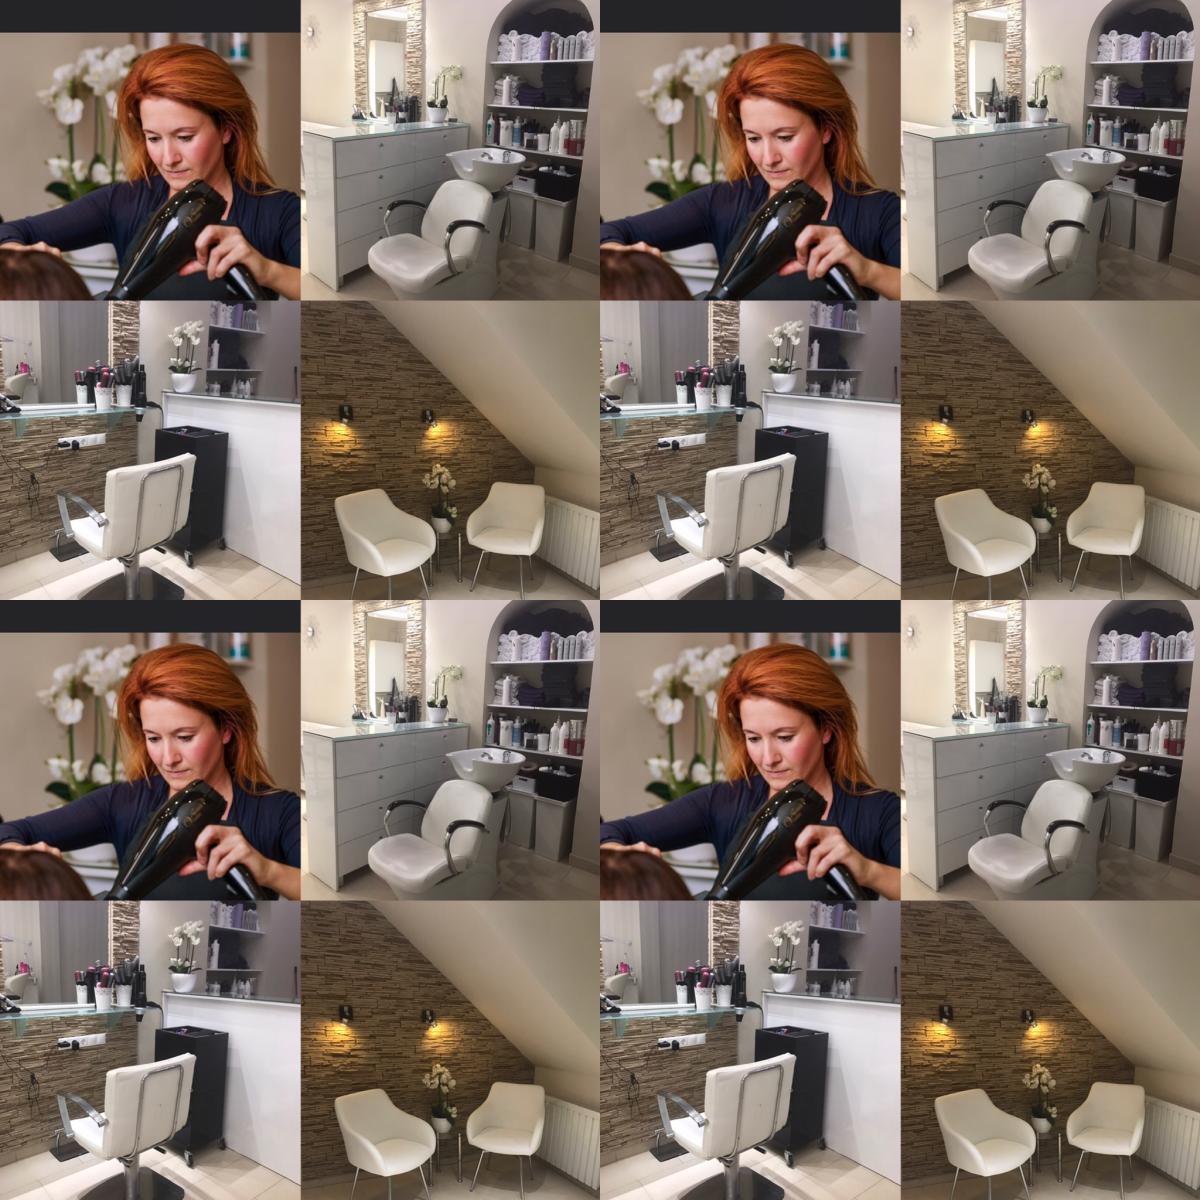 Tőke Kata Hair Stylist - Fodrászat